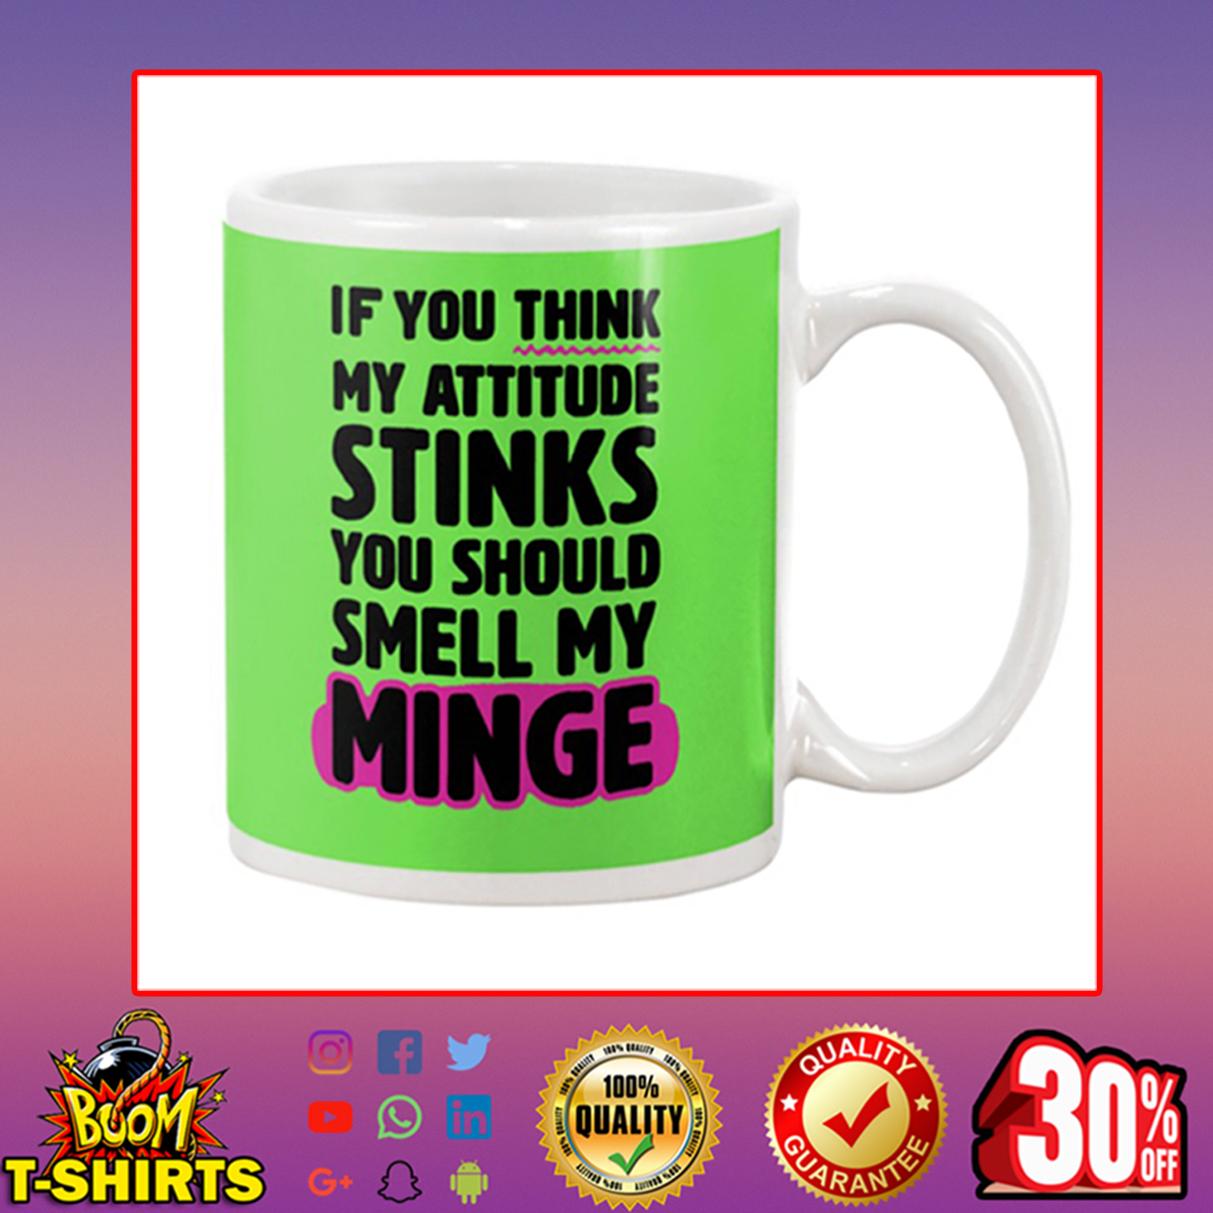 If You Think My Attitude Stinks You Should Smell My Minge mug - kiwi